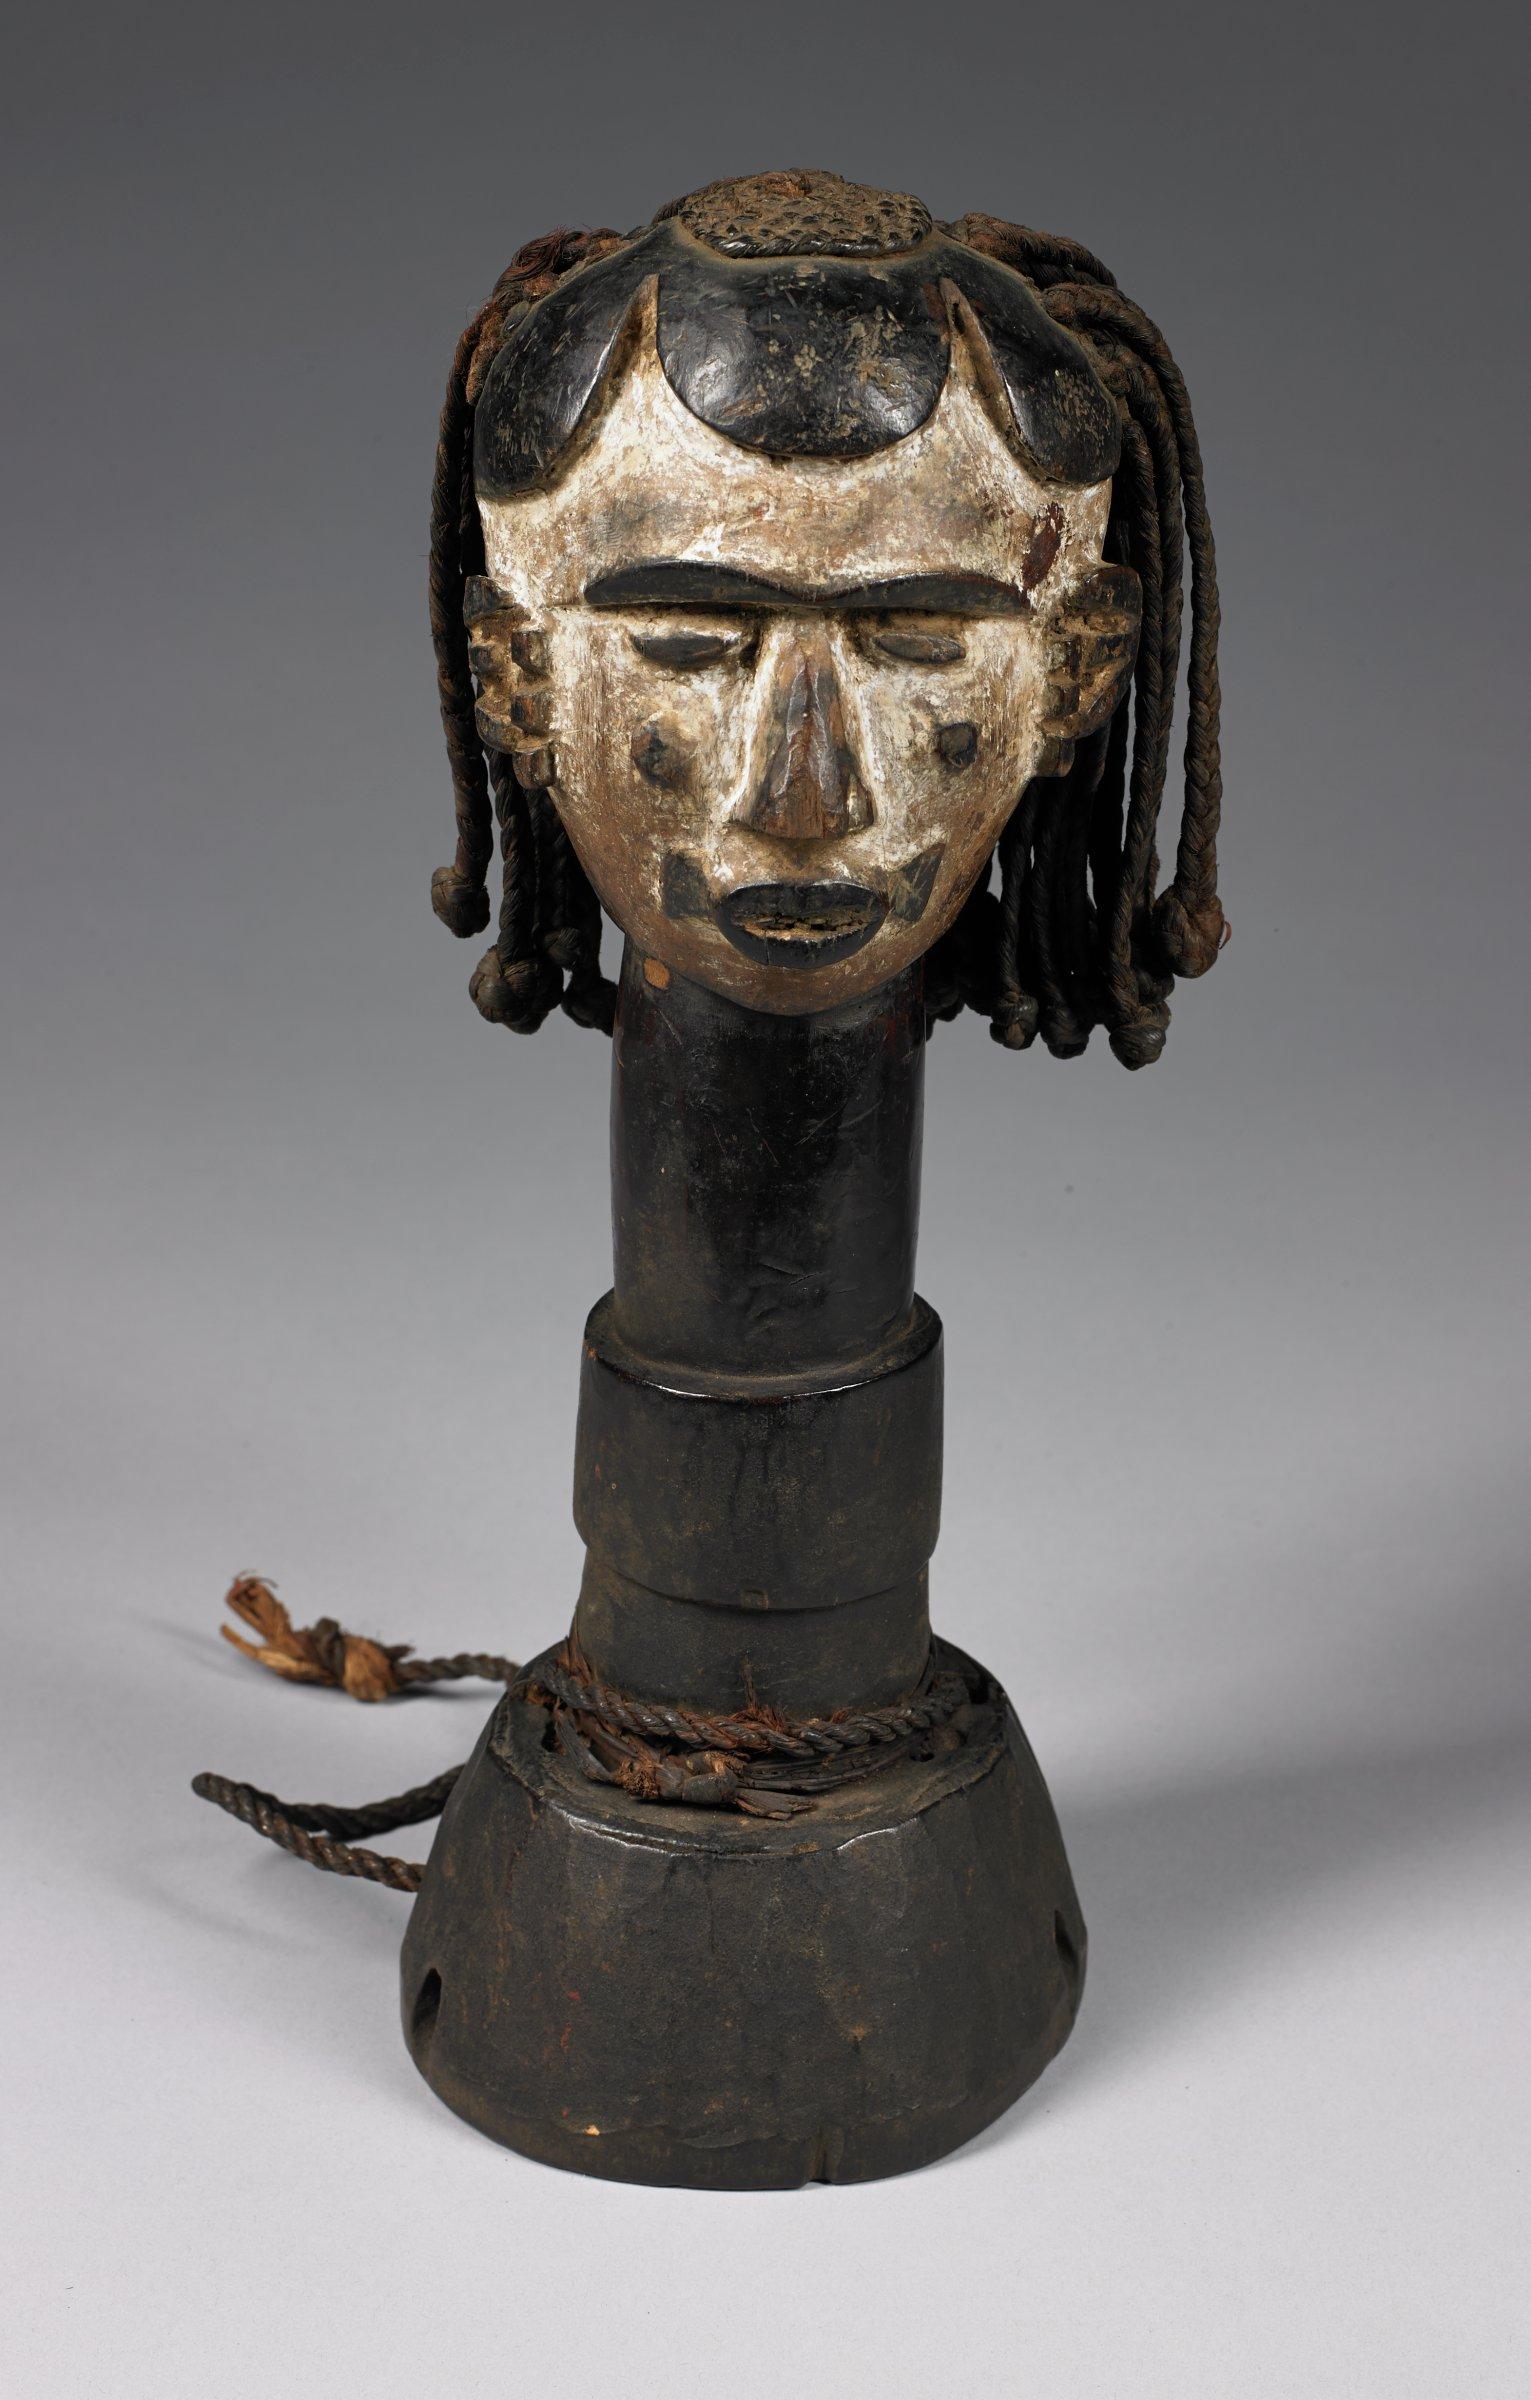 Female head with braid